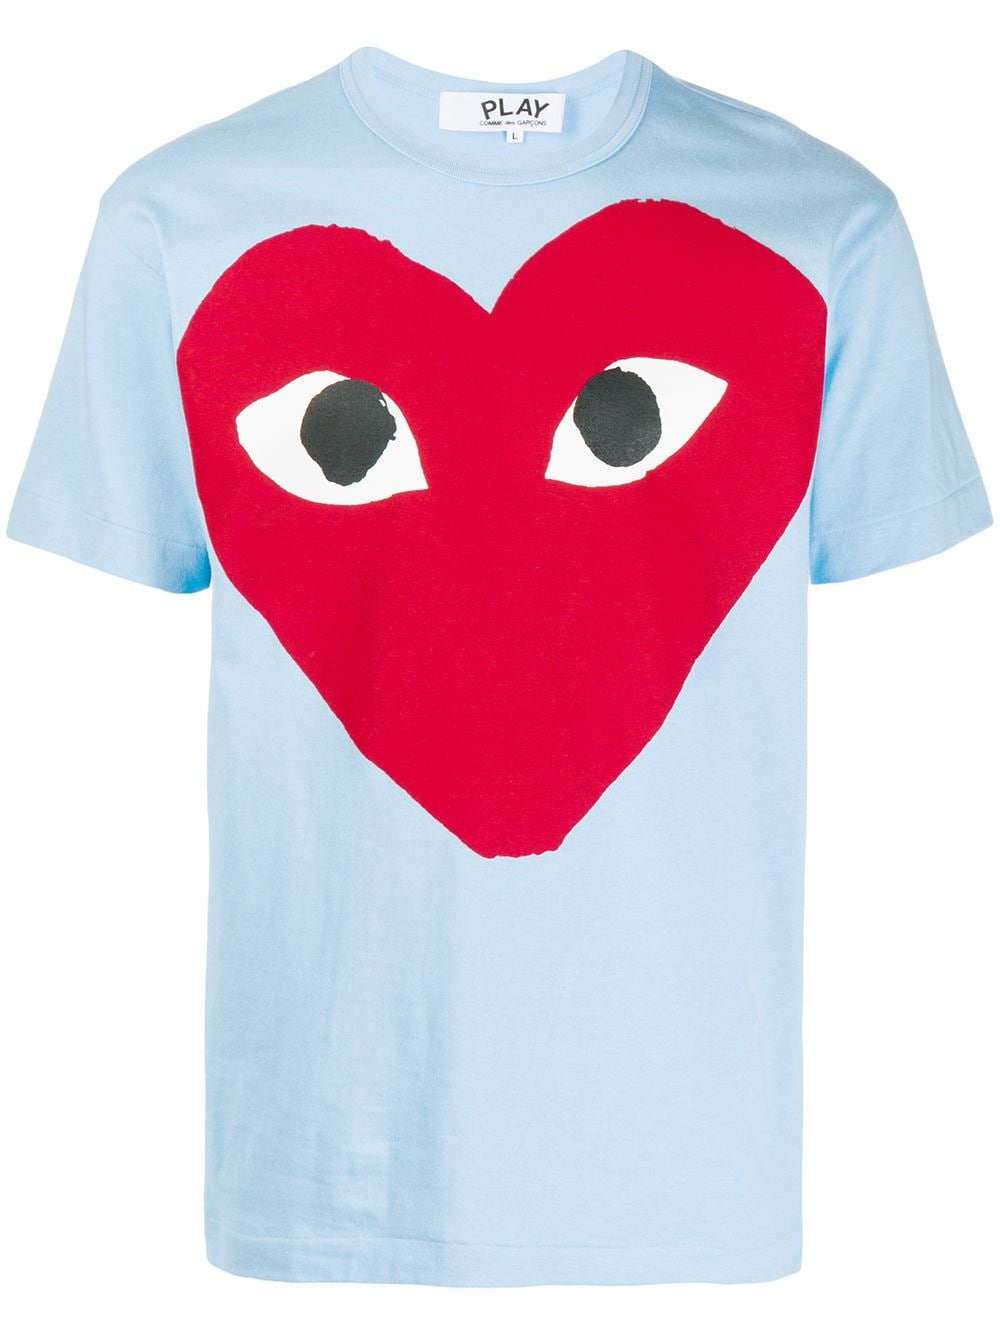 Comme Des Garçons Play t-shirt man sky COMME DES GARÇONS PLAY | T-shirts | P1T2741